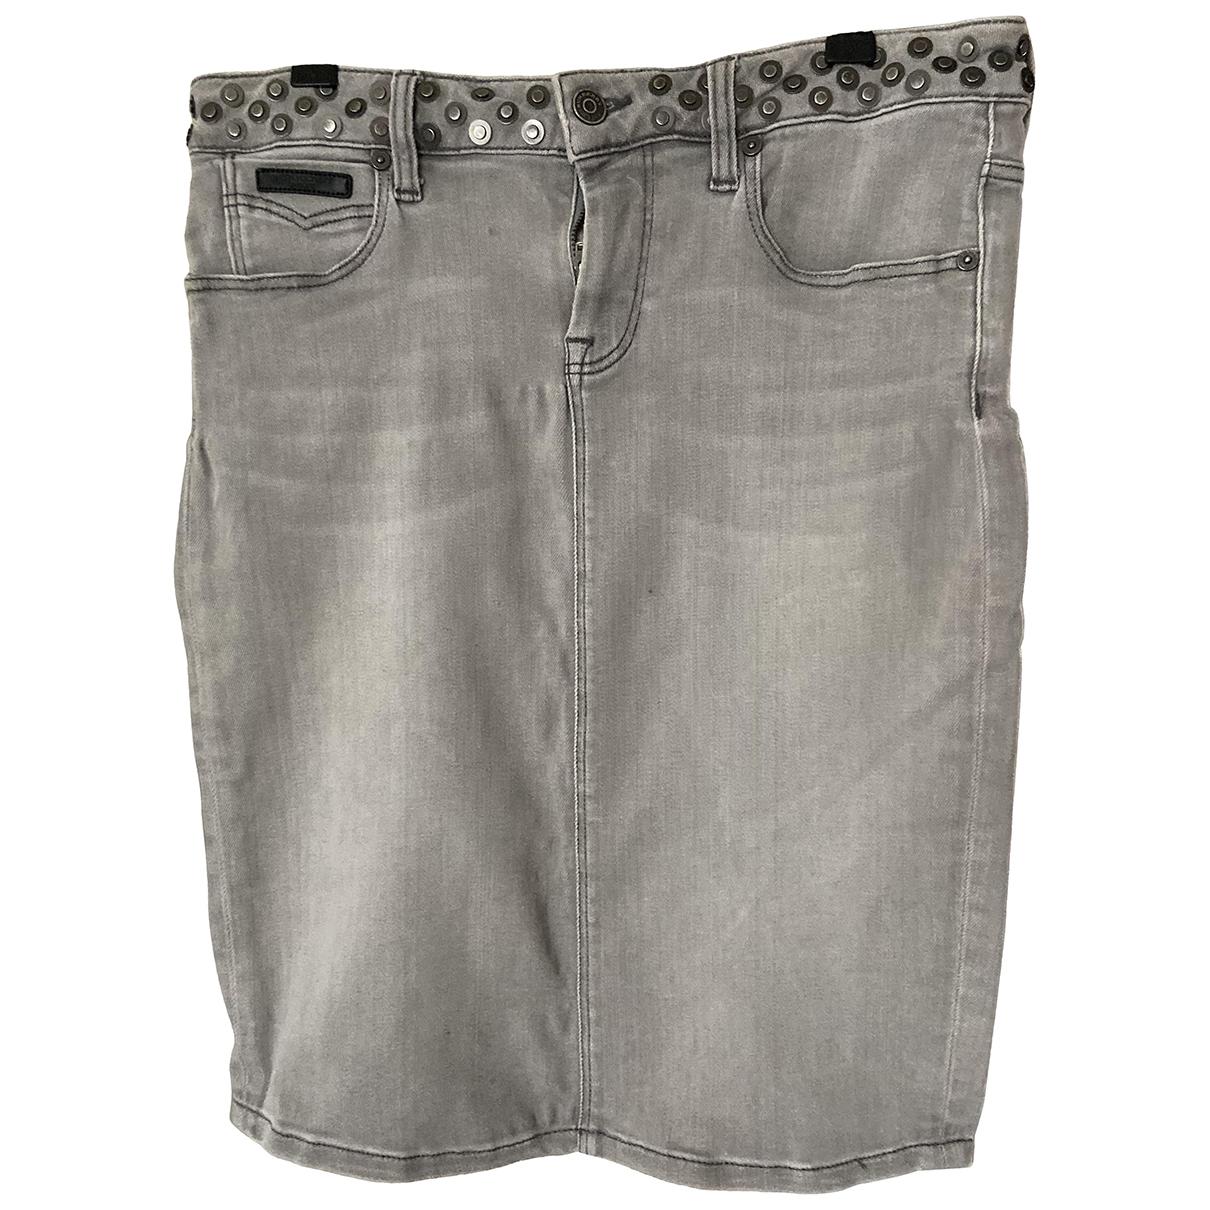 Burberry \N Grey Cotton skirt for Women 8 UK